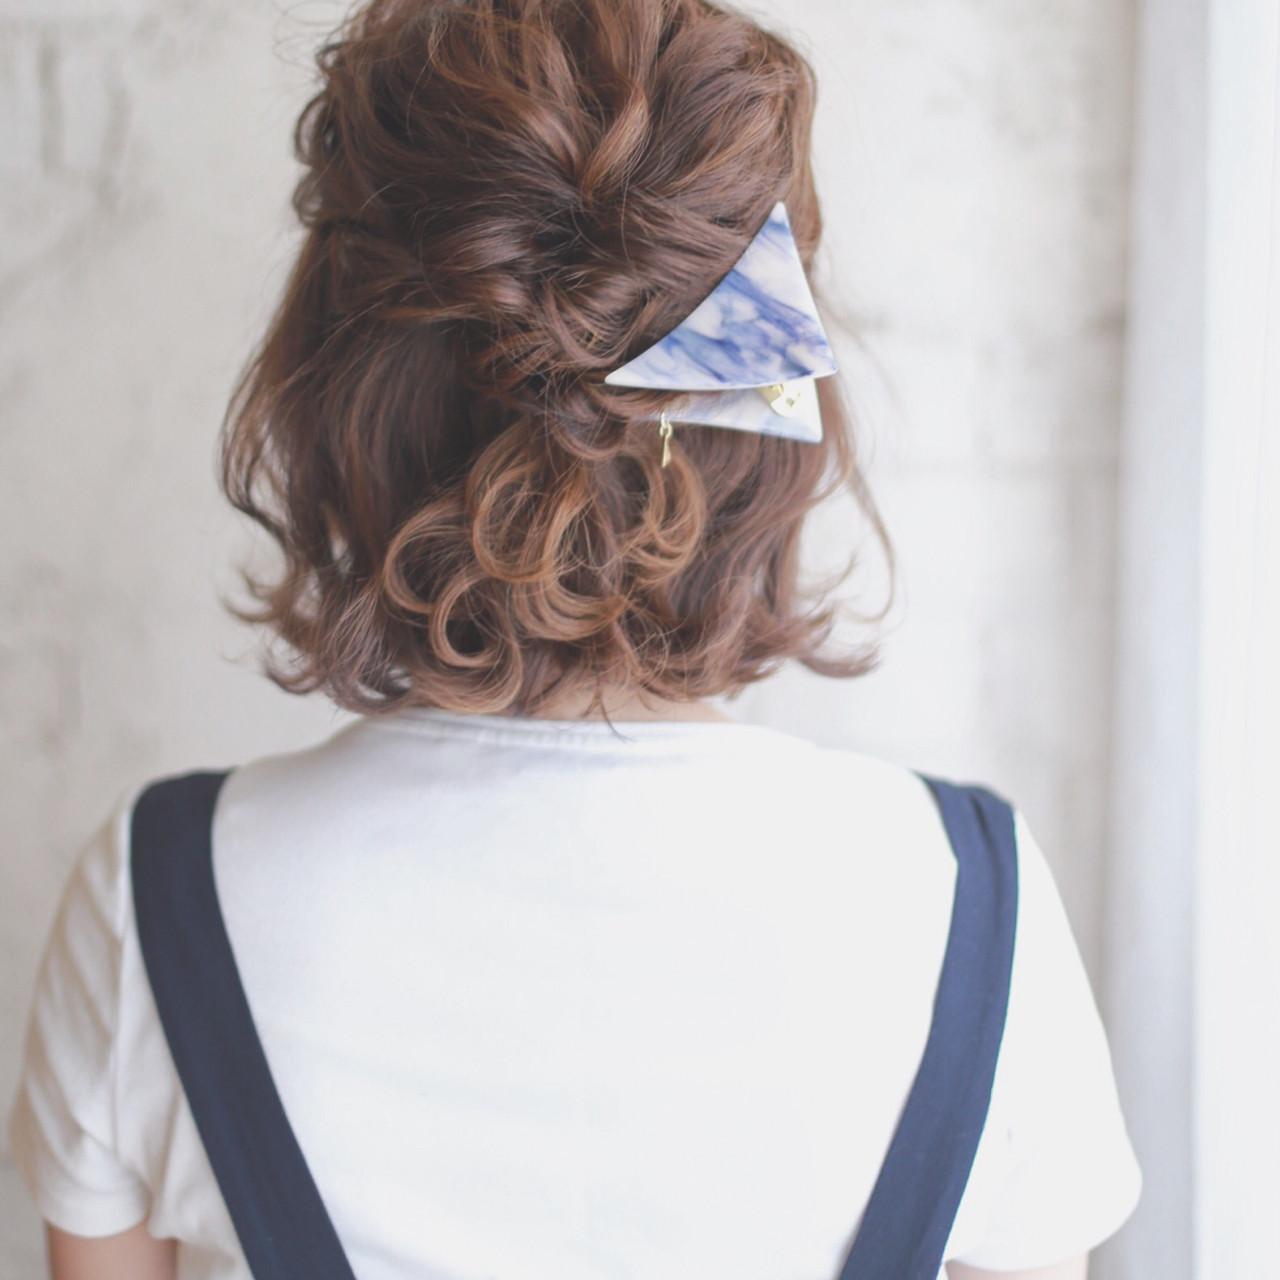 アップヘアはできなくとも、「ハーフアップ×くるりんぱ」ならショートでもしやすいアレンジ。襟足の髪が短くても、無理せず自然にできるのでオススメです♡  やり方は